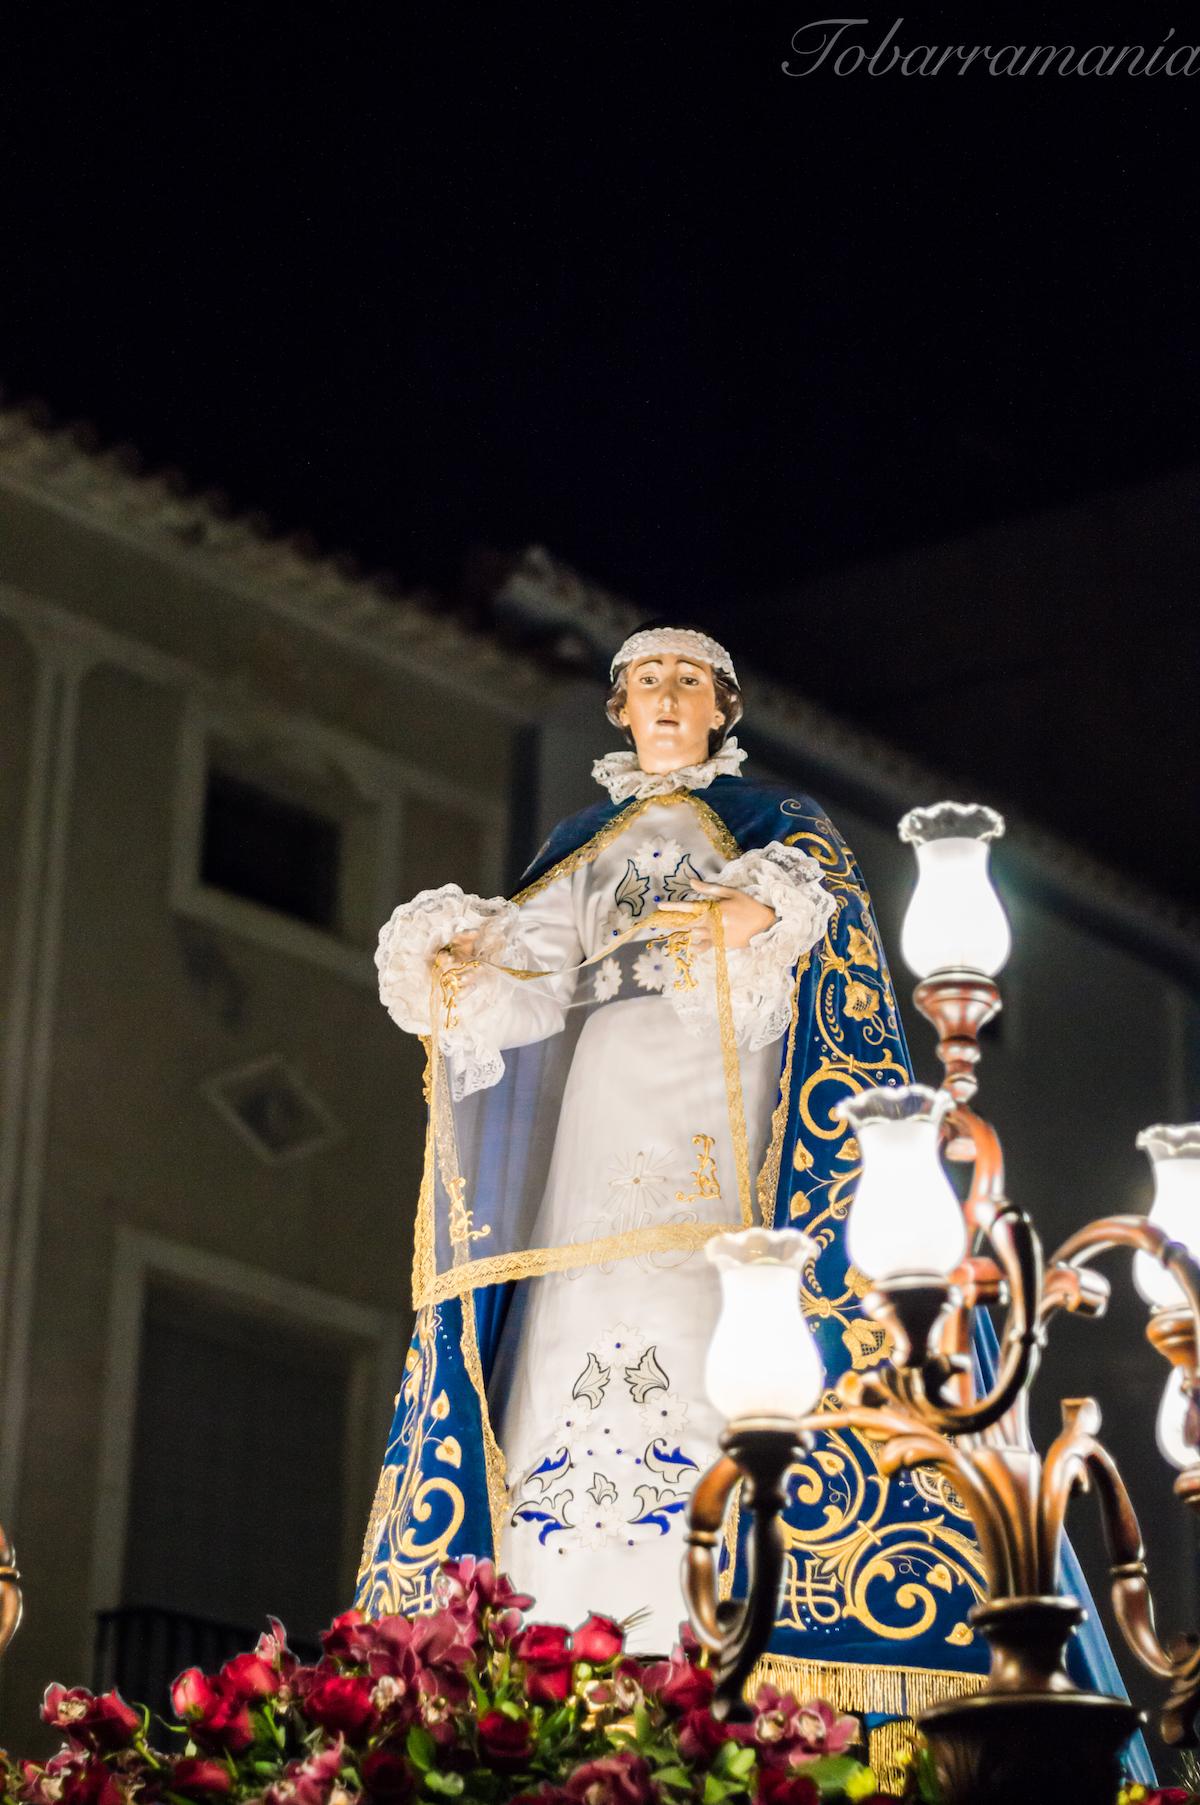 Santa Mujer Verónica Tobarra